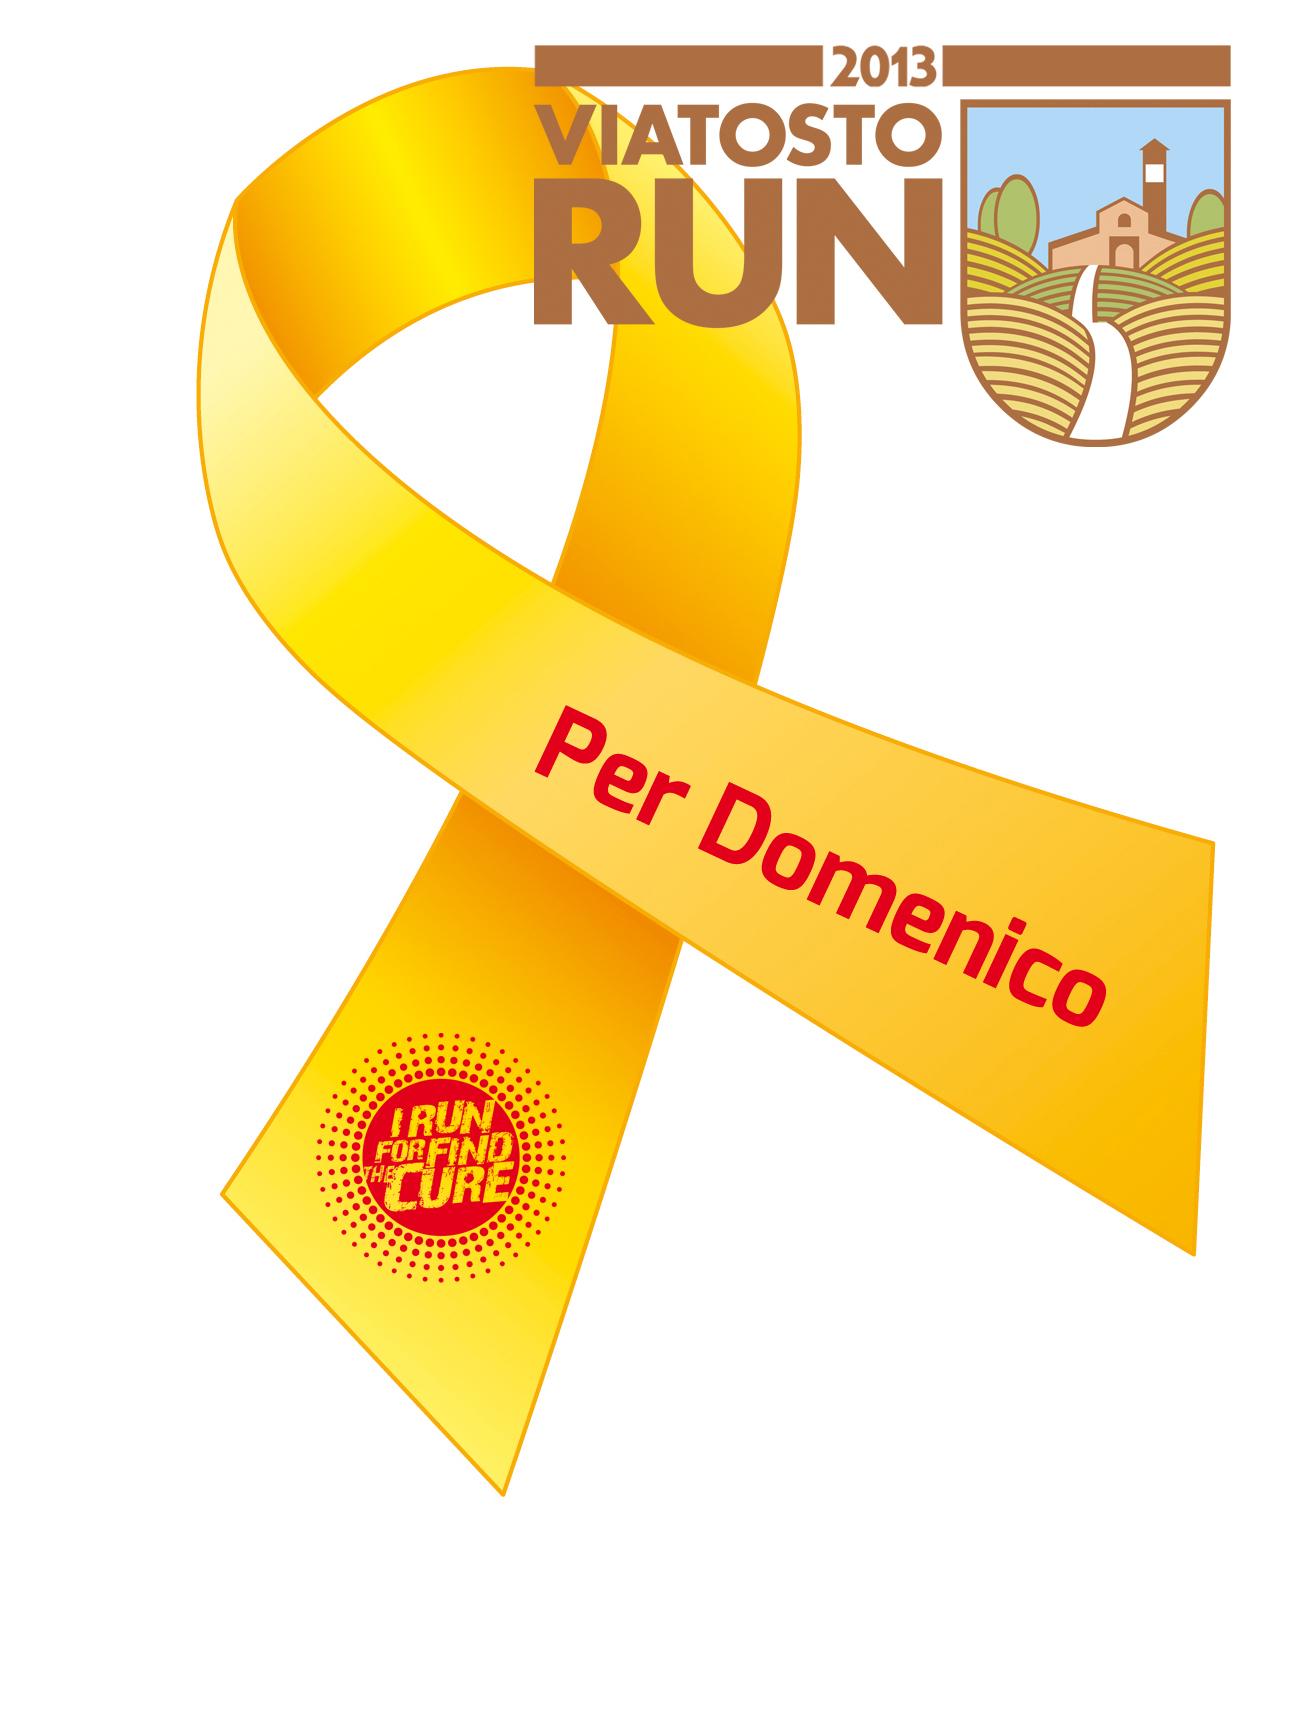 La Viatosto Run dedicata a Domenico Quirico